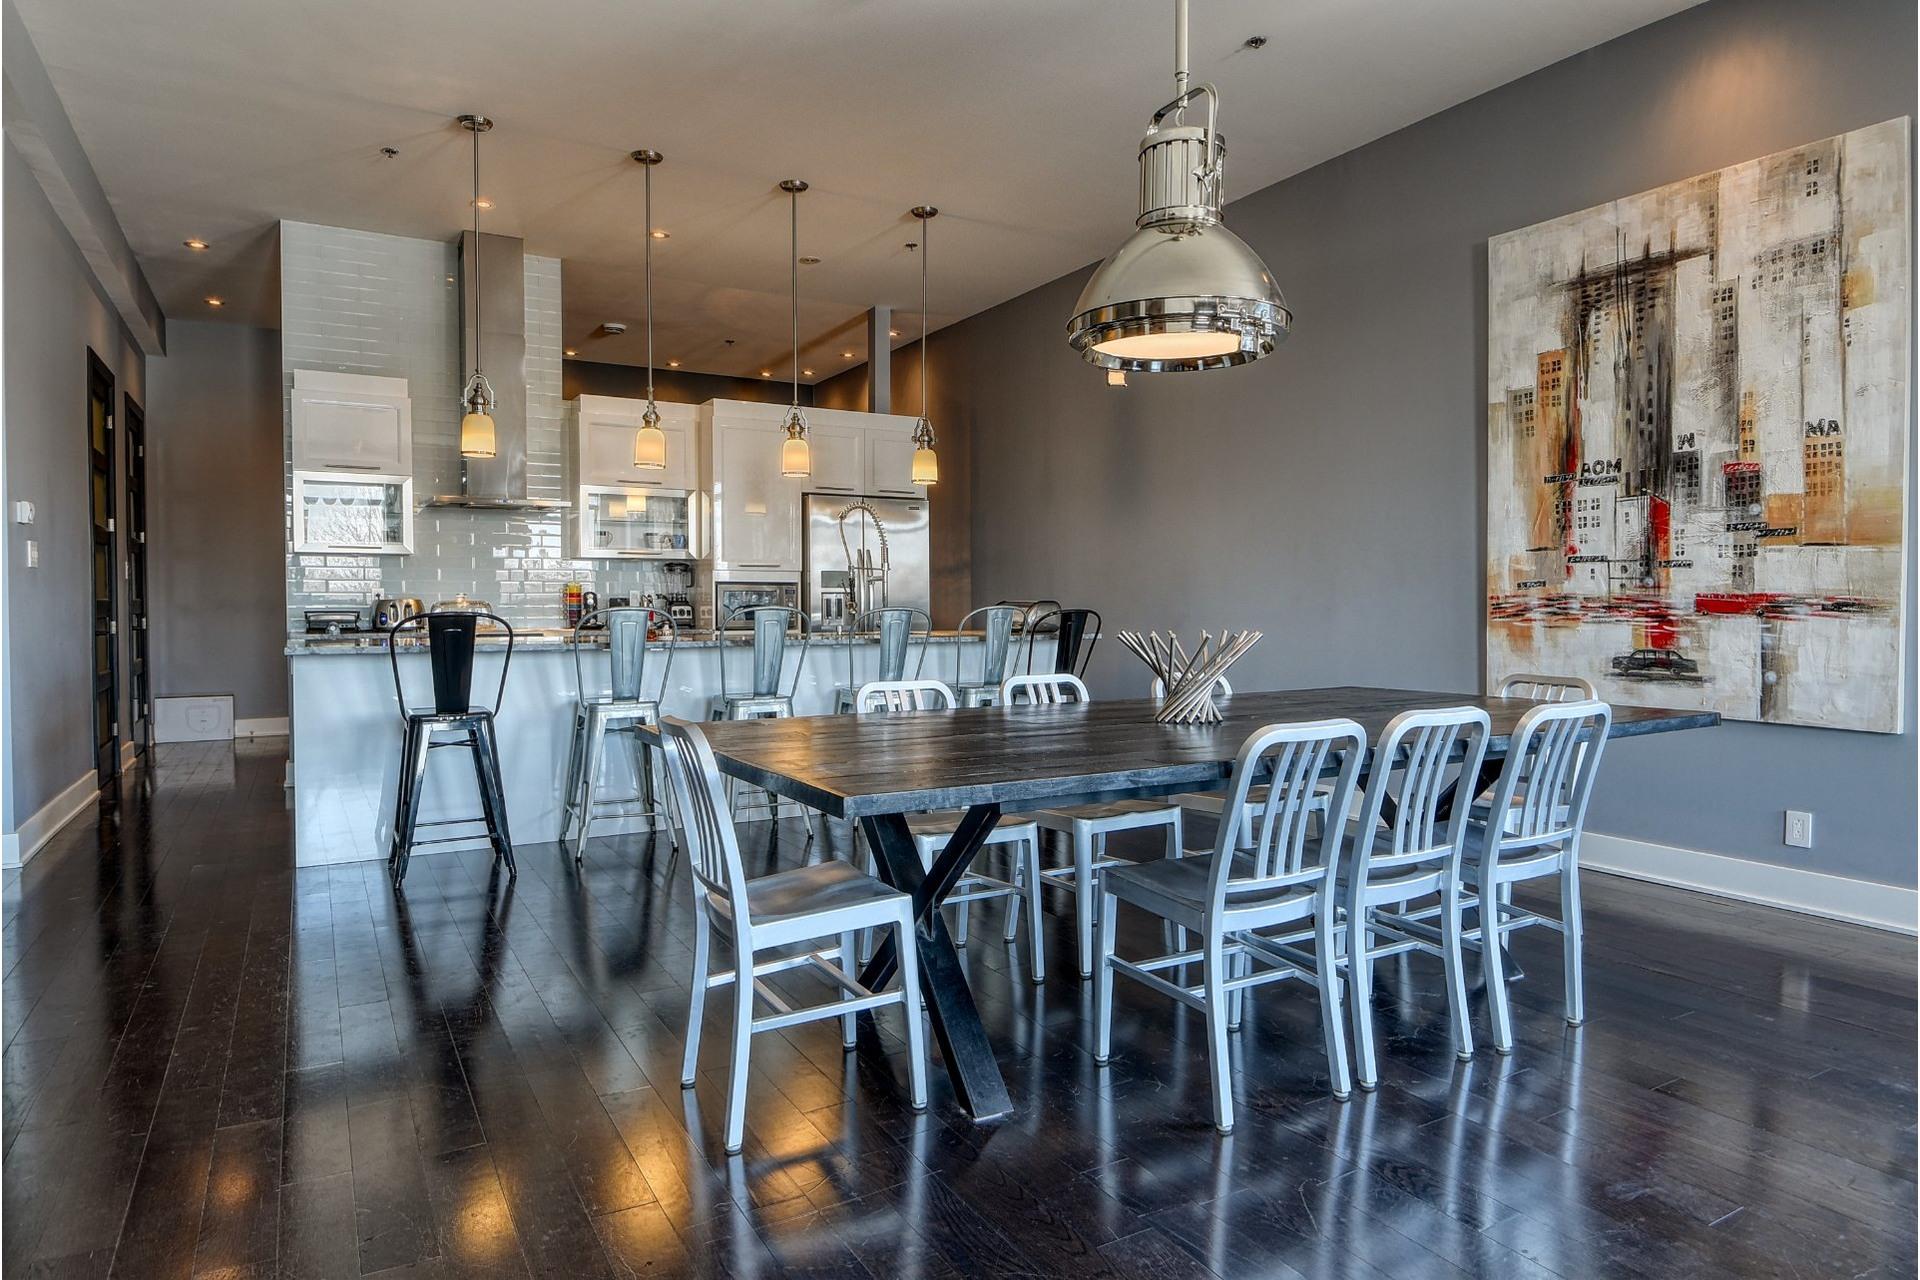 image 5 - Appartement À vendre Lachine Montréal  - 12 pièces